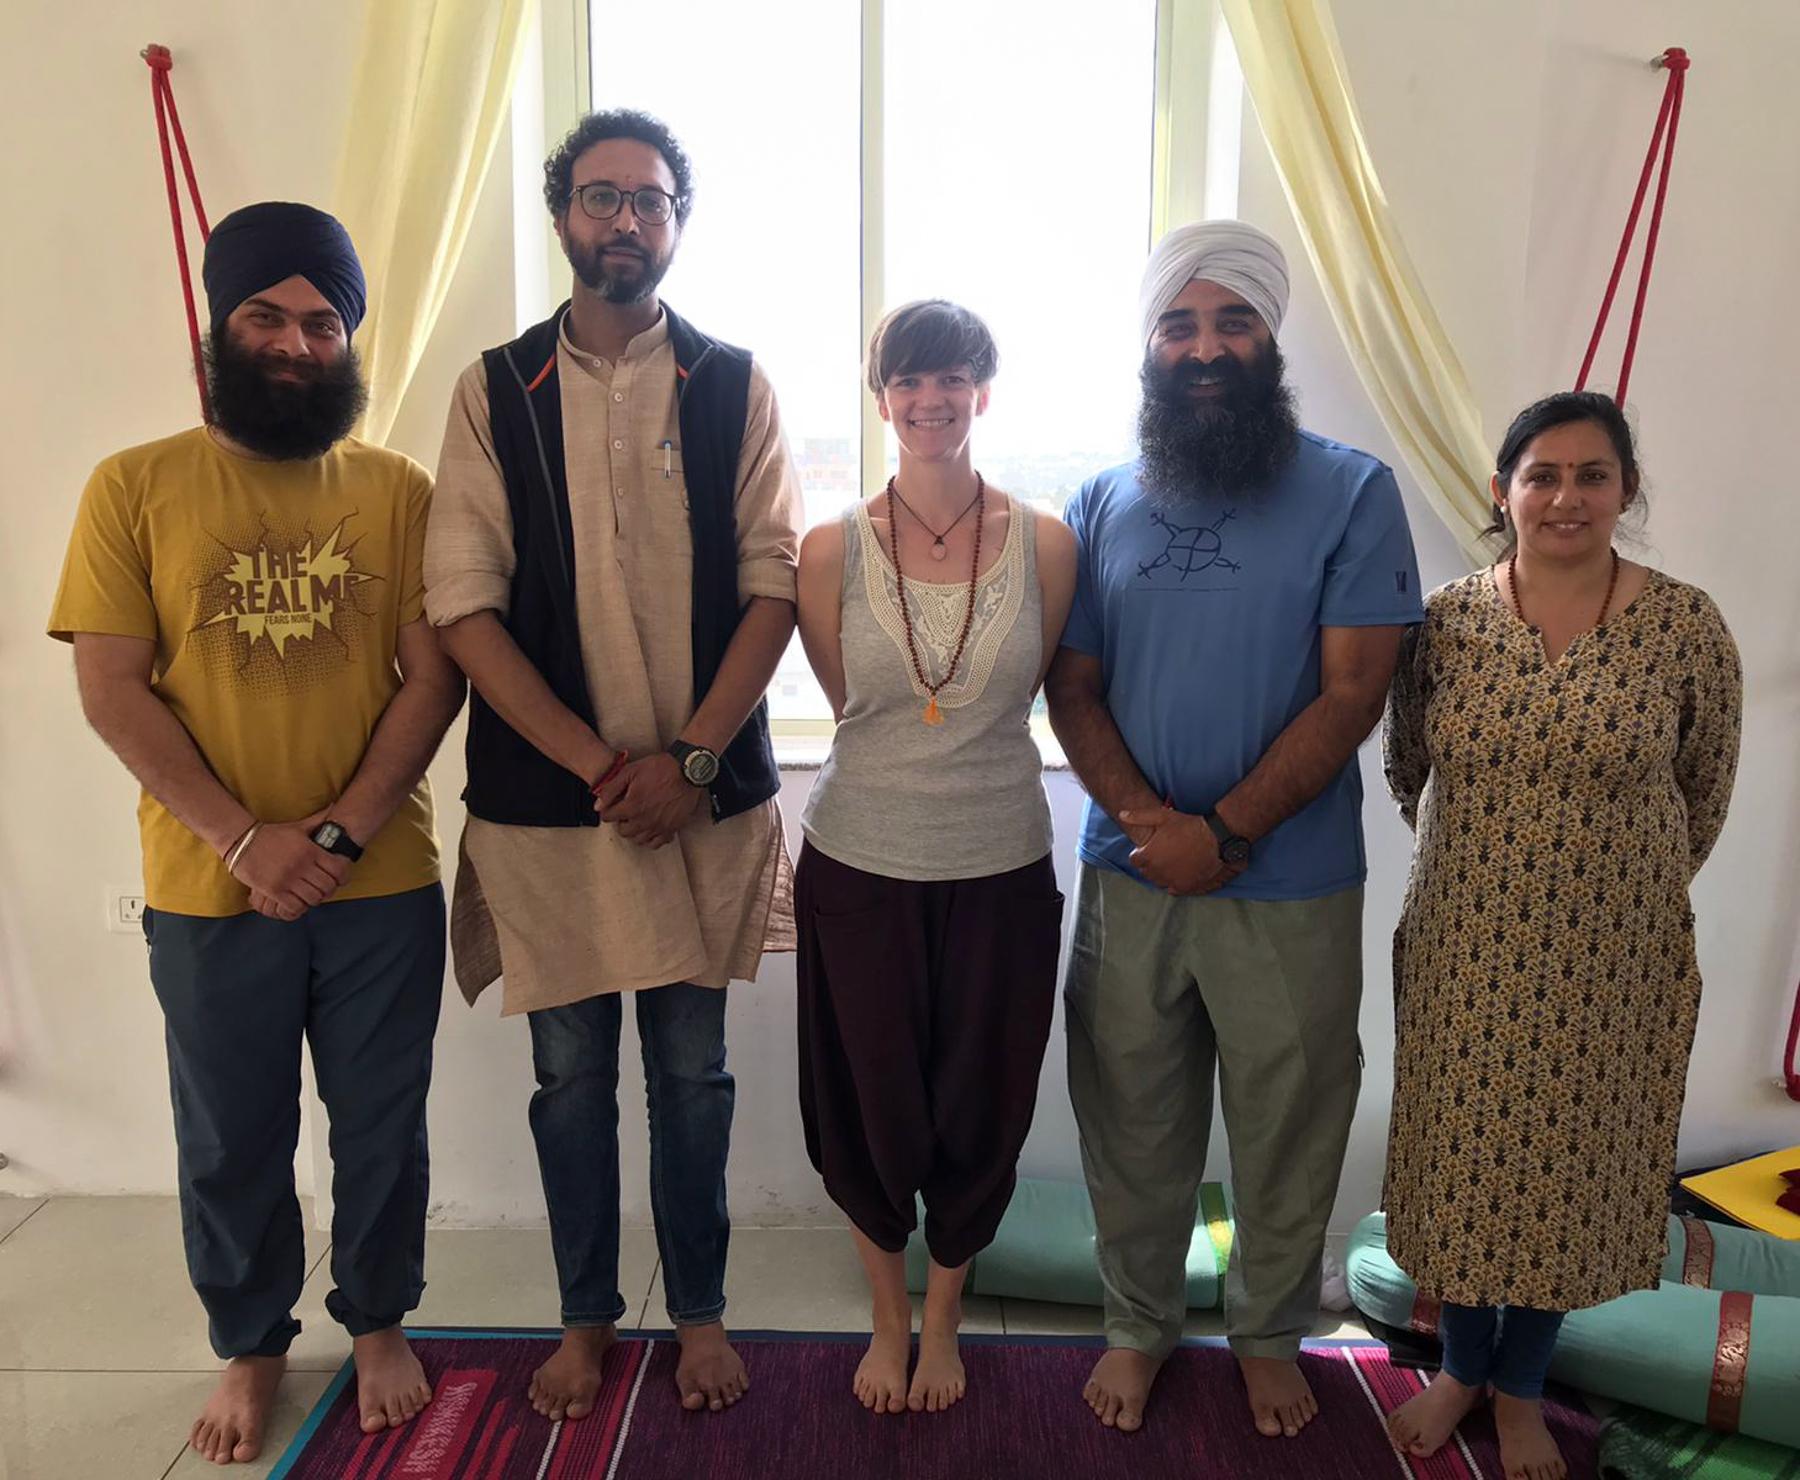 Vikram, Vimal, glückliche, neue Yogalehrerin, Surinder und Deepa.